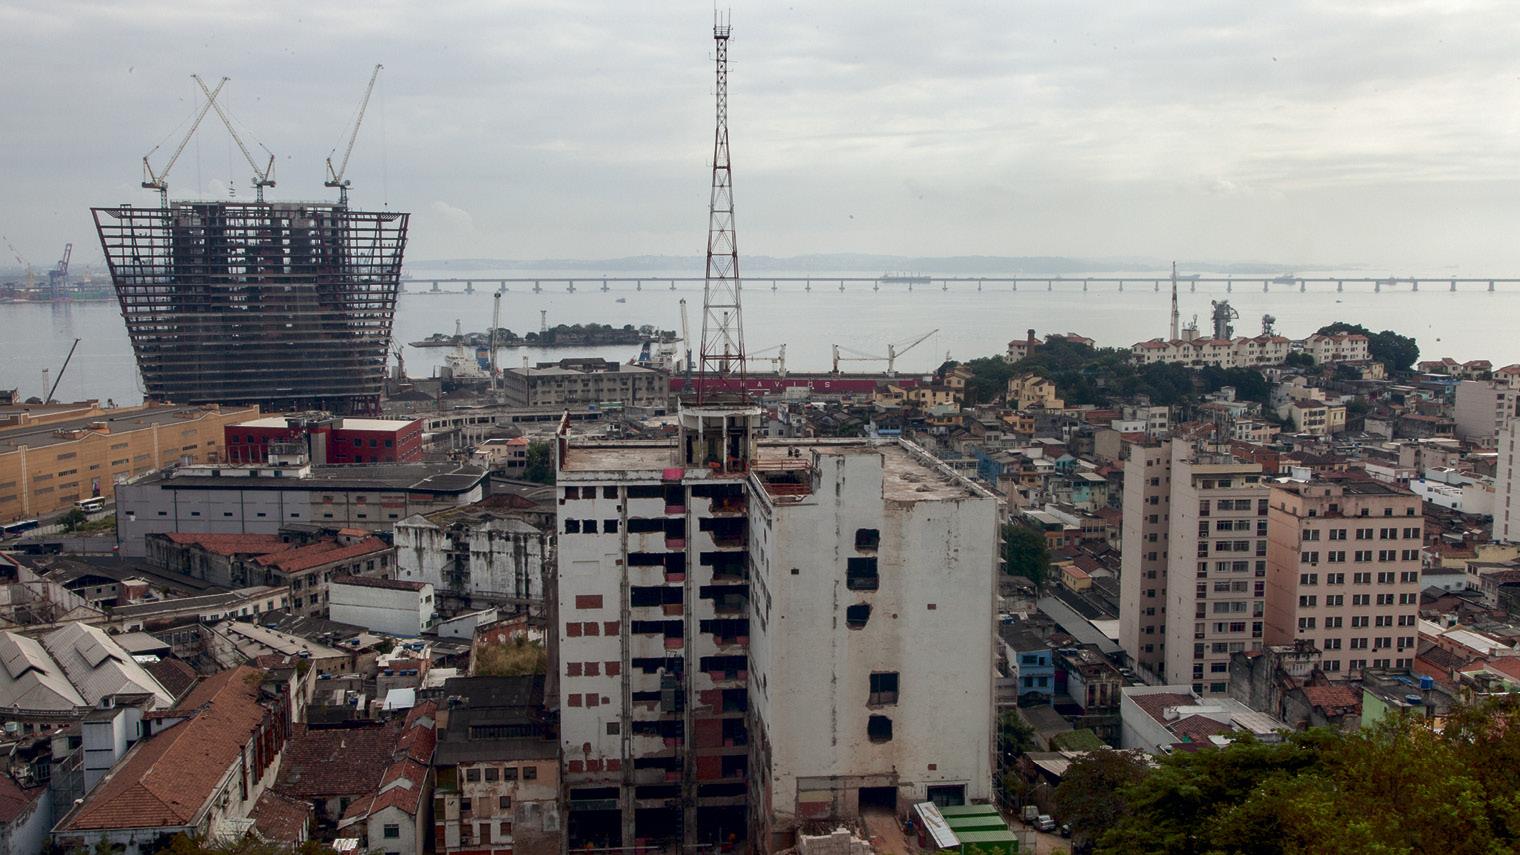 The port area of Rio de Janeiro from the Morro da Providência favela